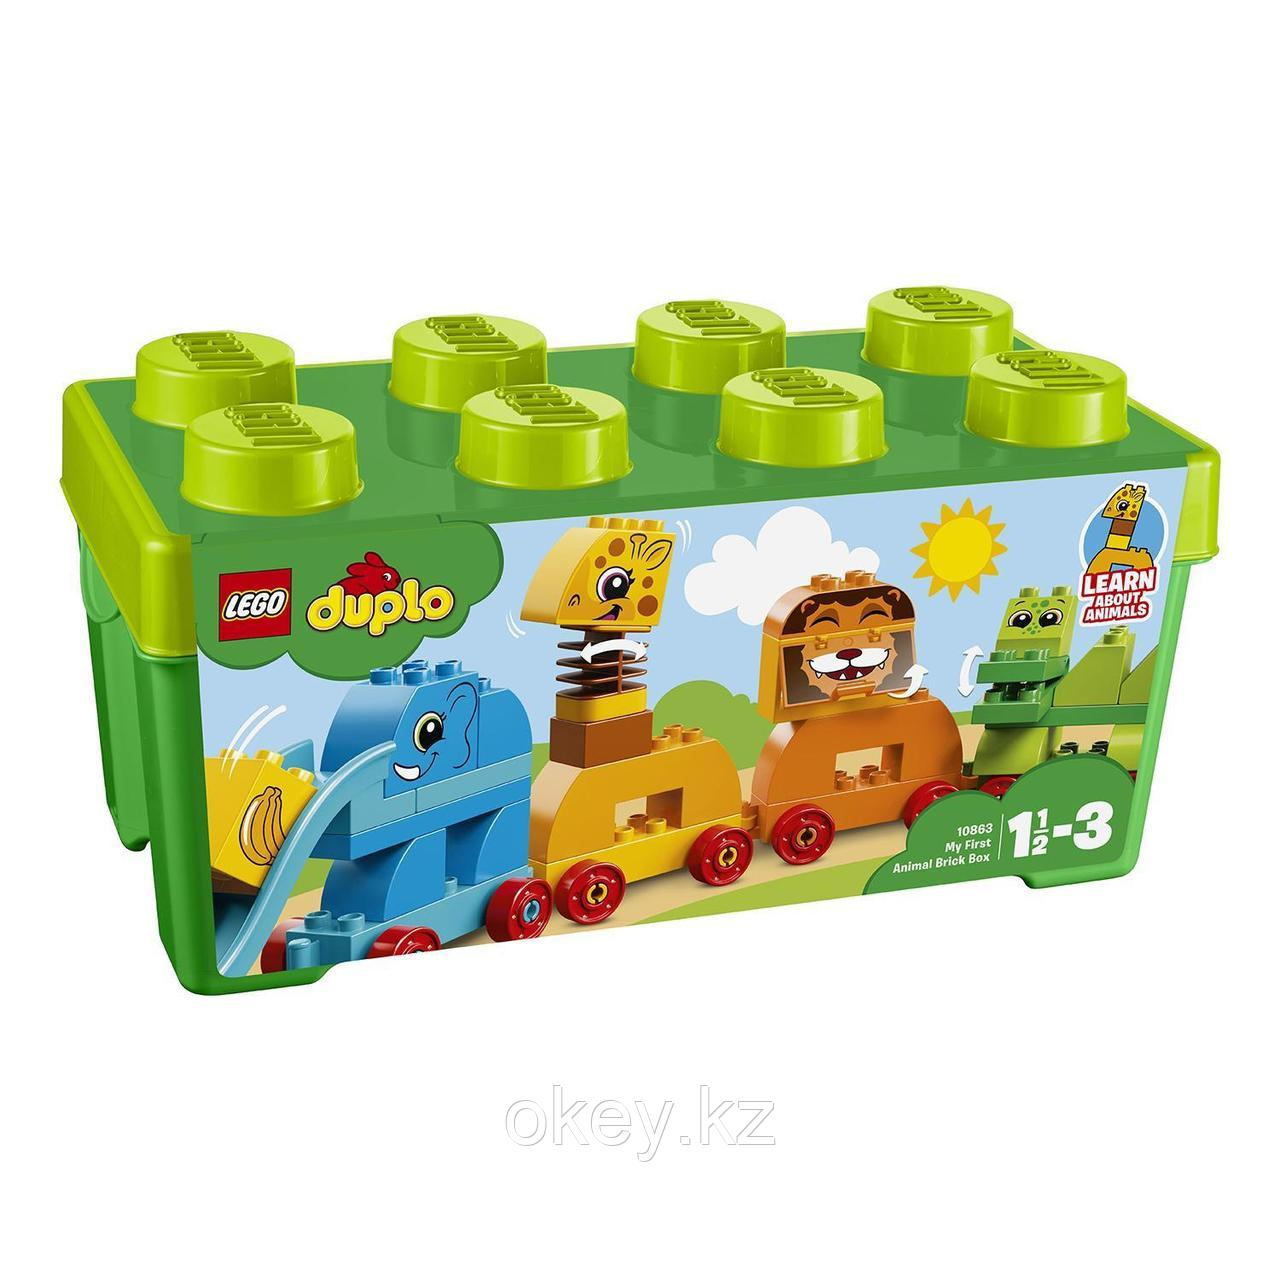 LEGO Duplo: Мой первый парад животных 10863